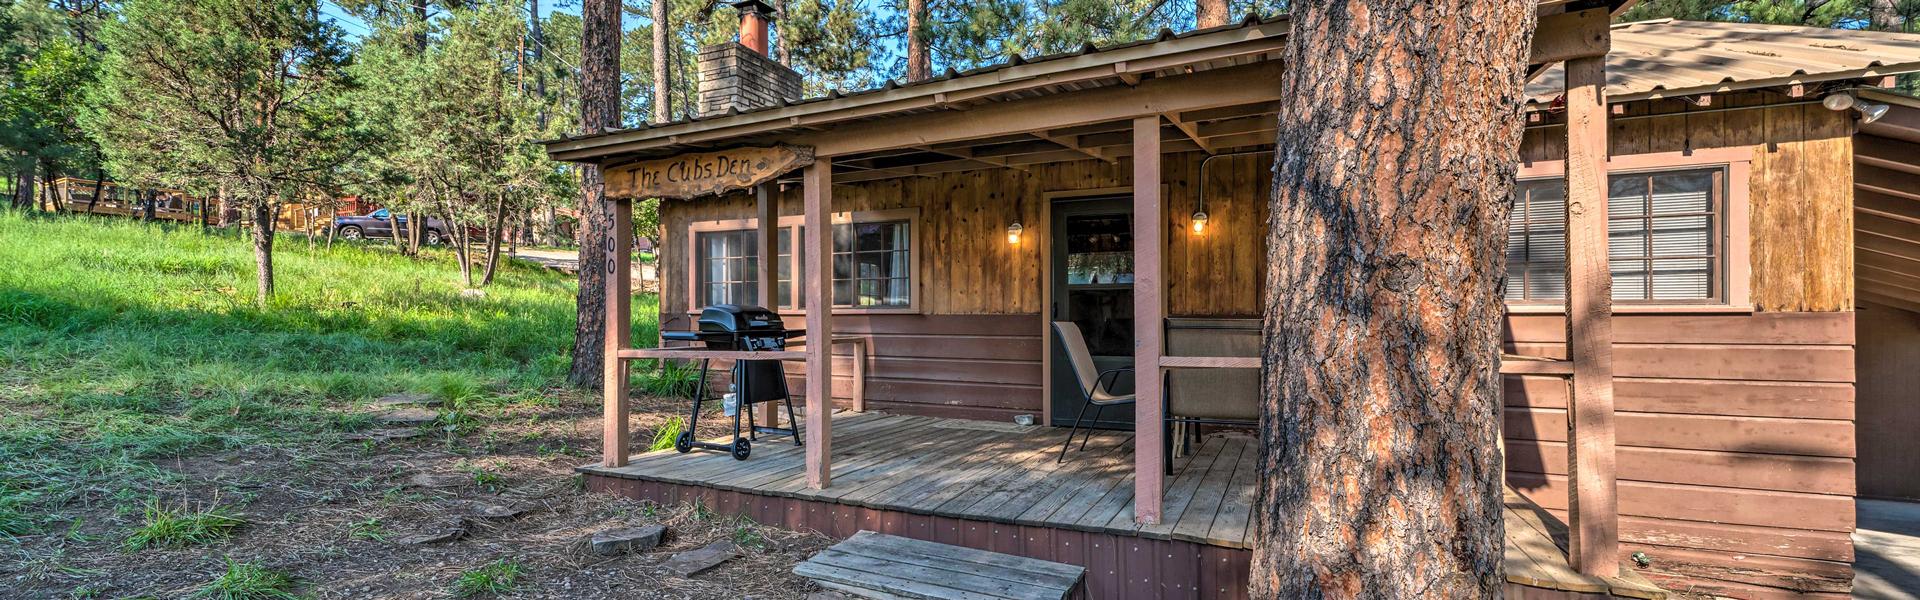 A cabin in Ruidoso, NM.